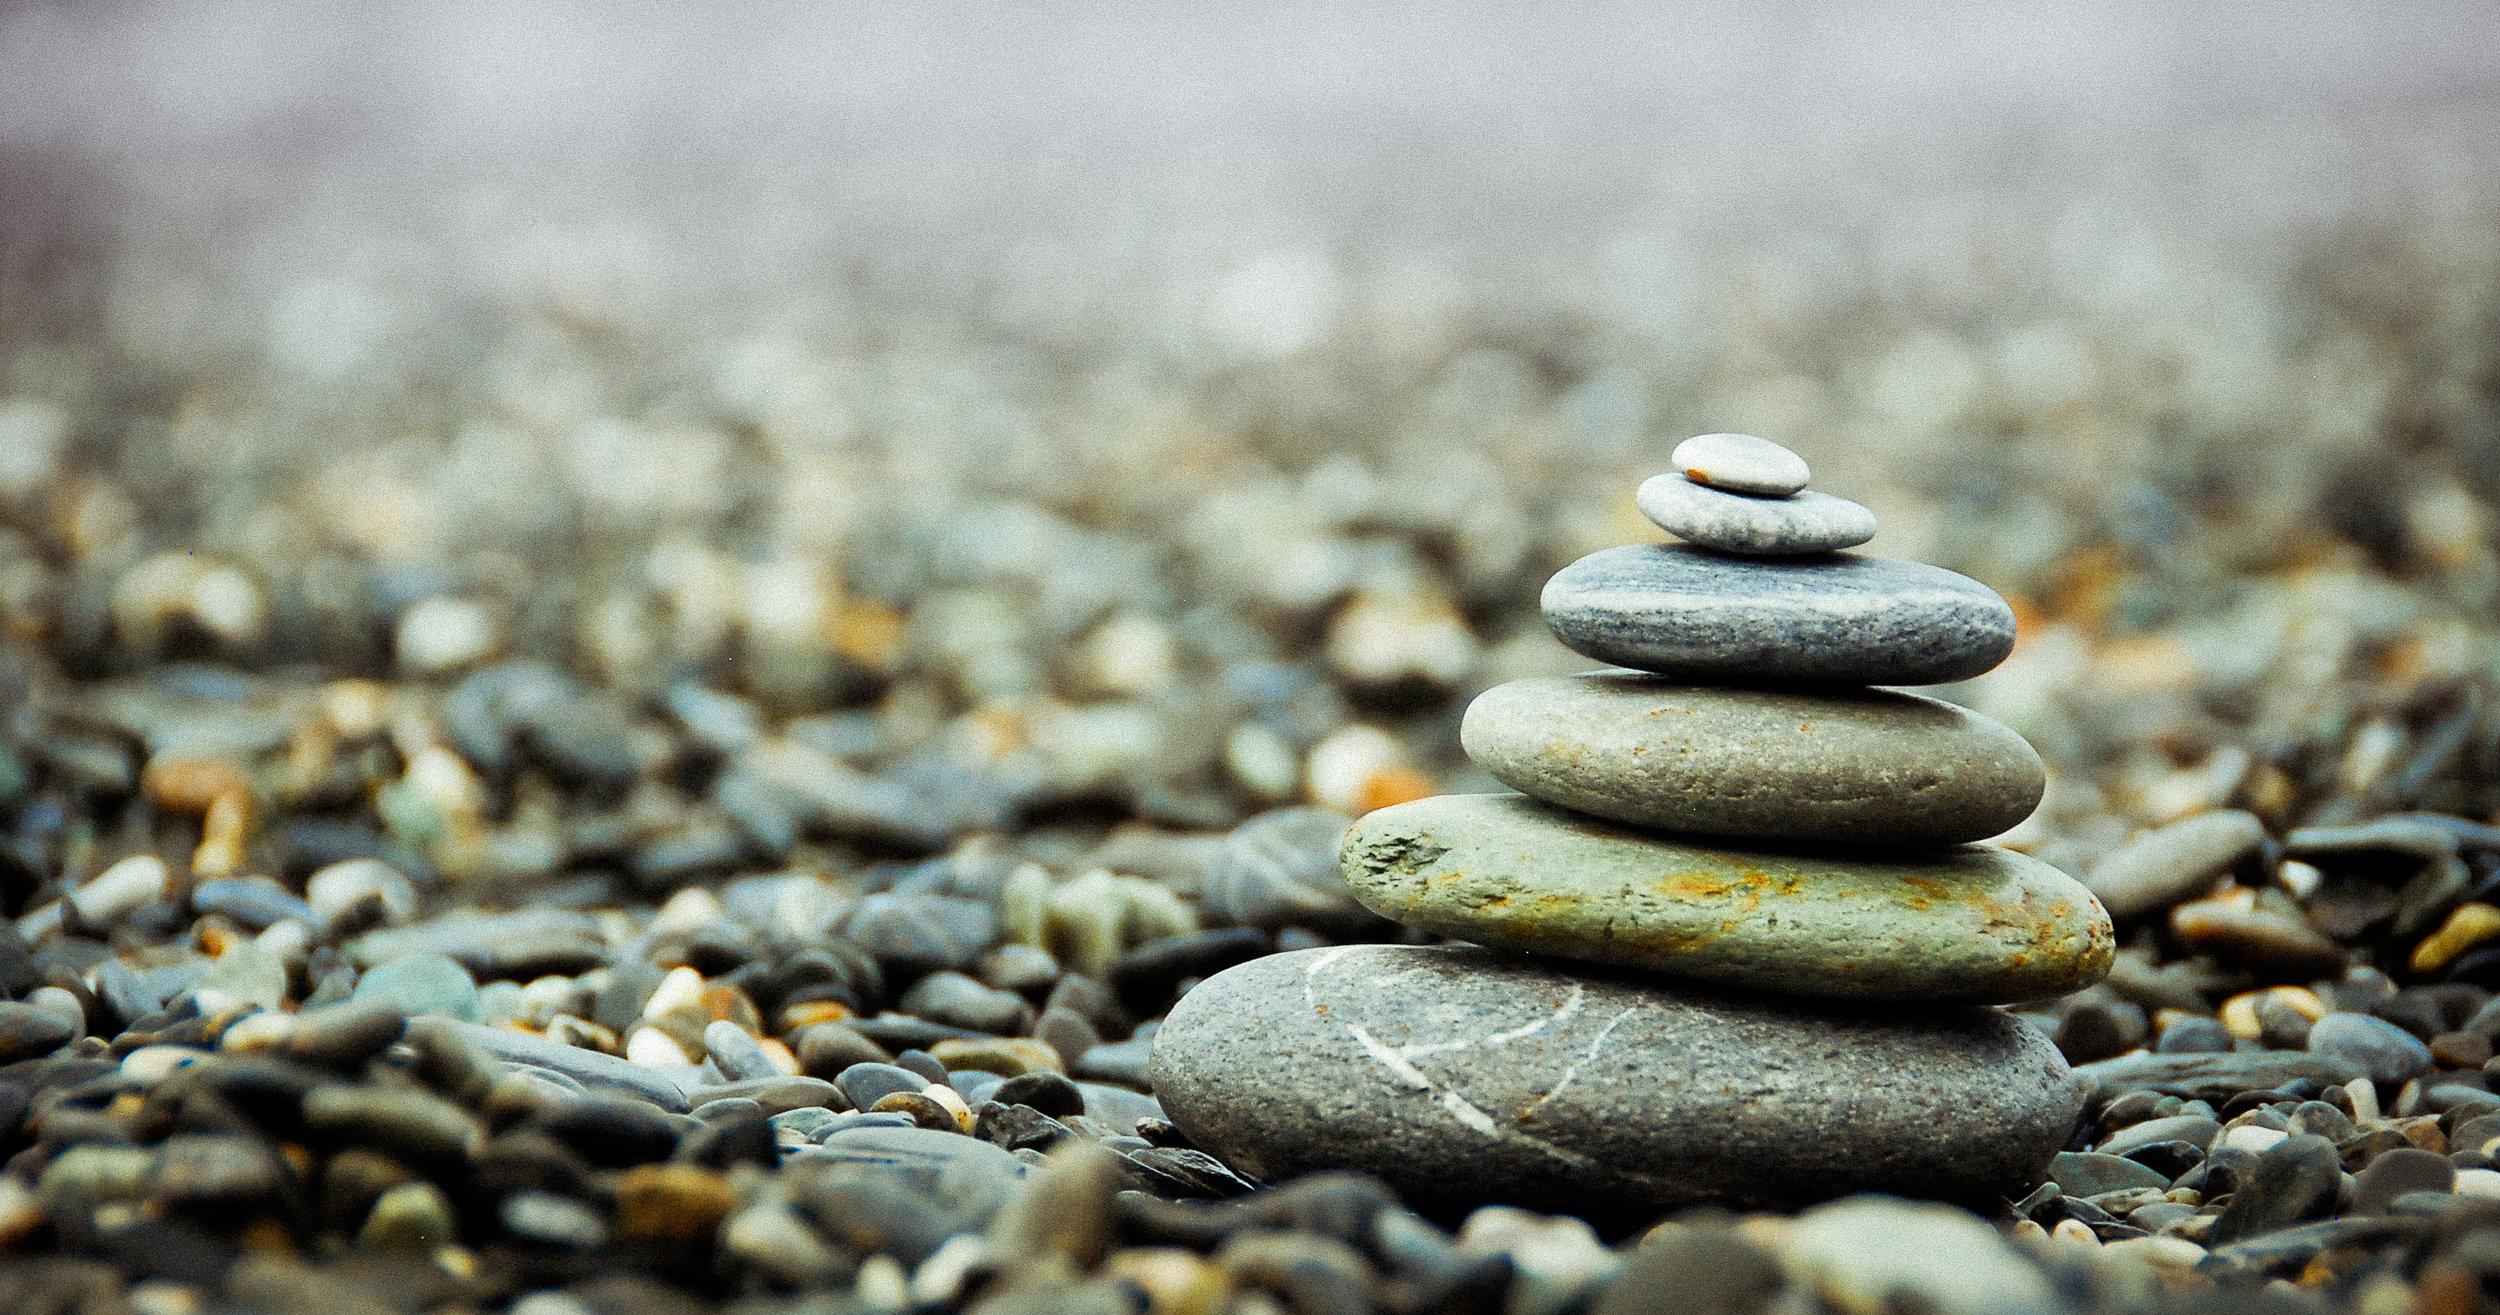 Establishing Balance